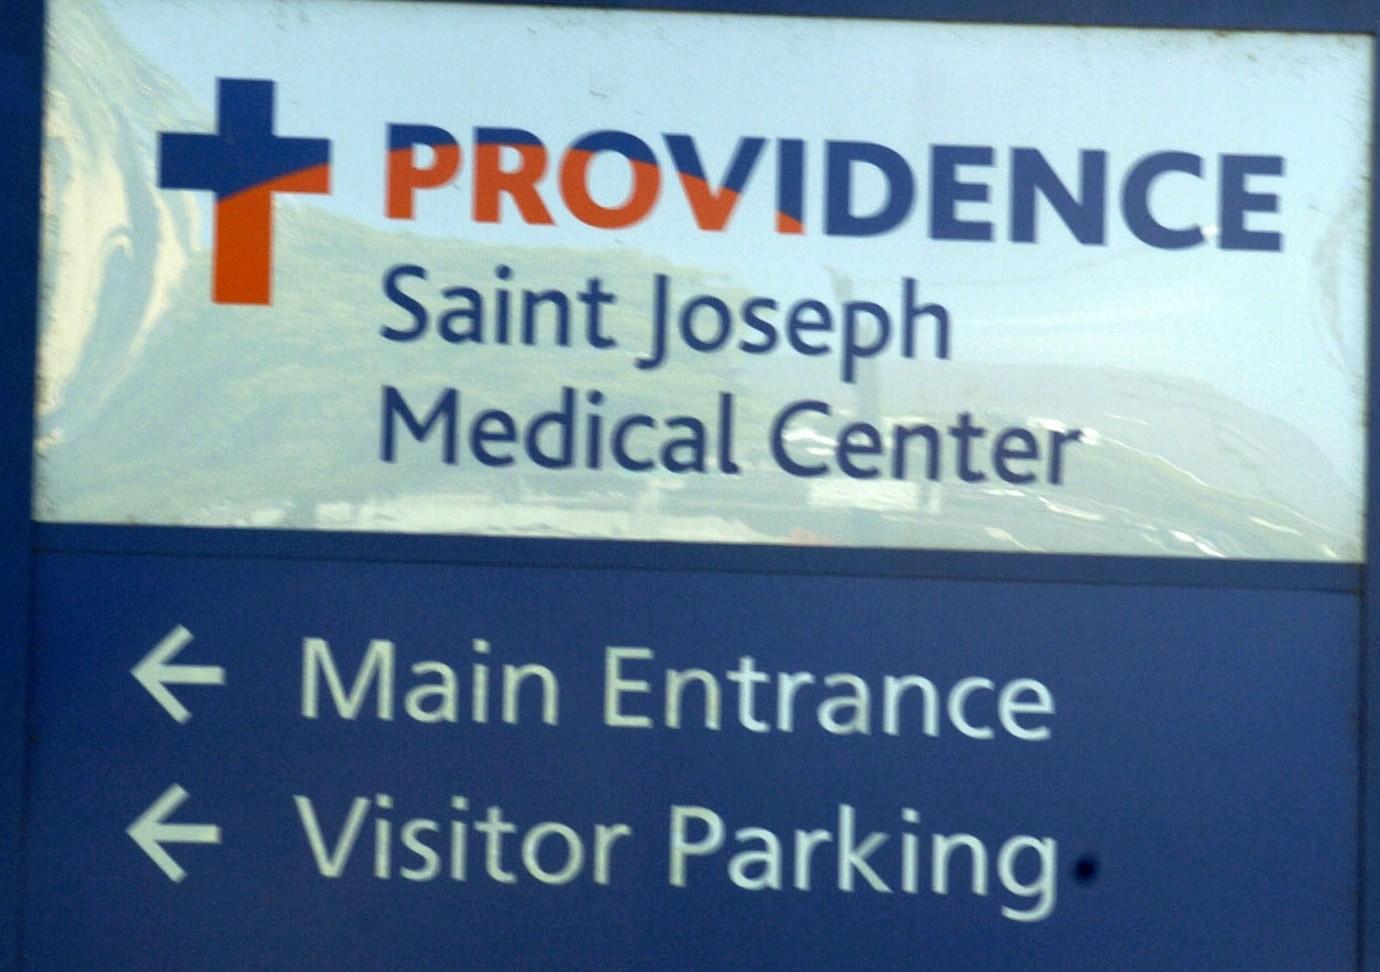 Providence St. Joseph Medical Center